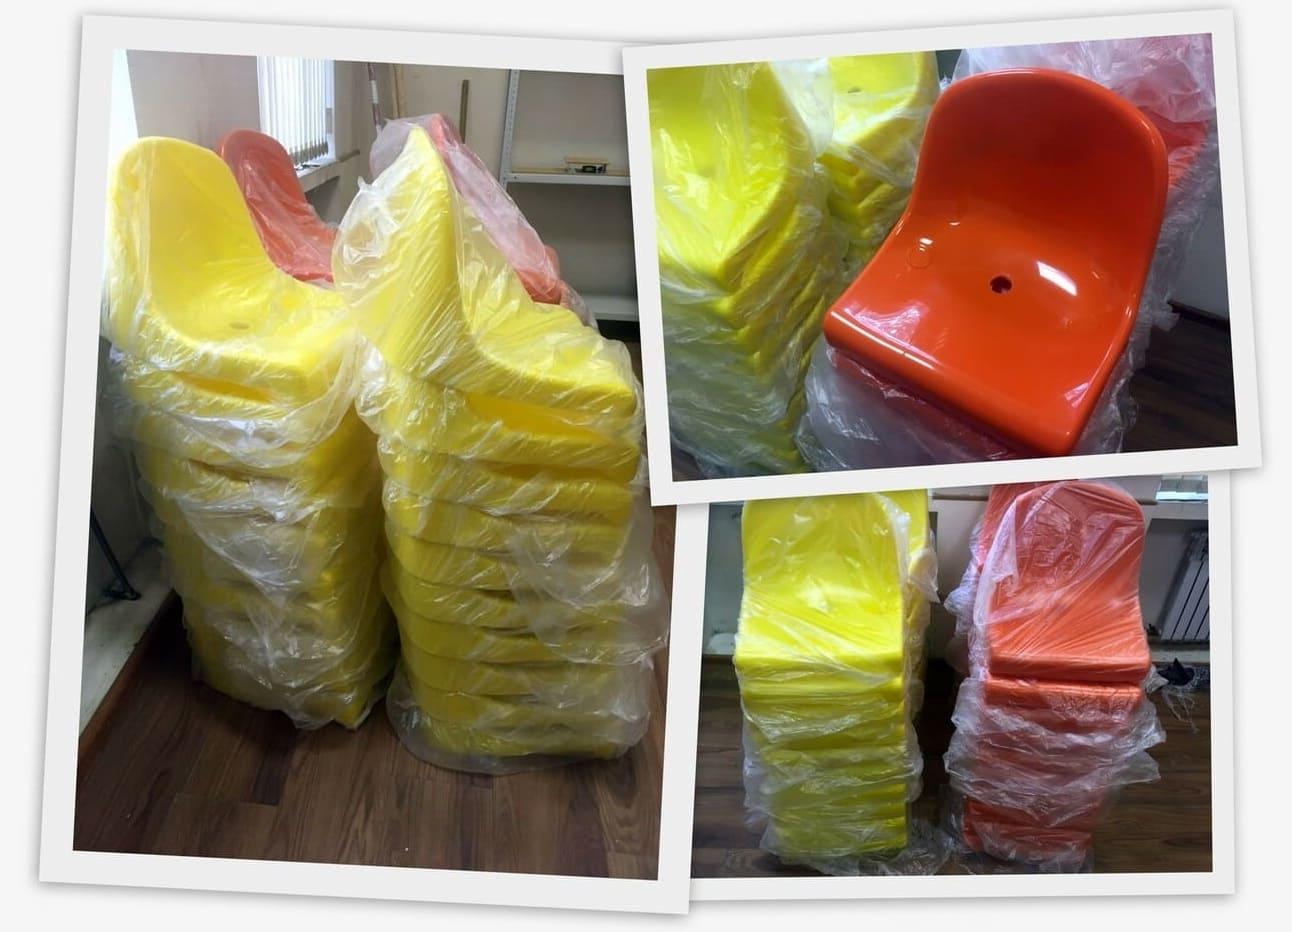 Кресло пластиковое стадионное в наличии